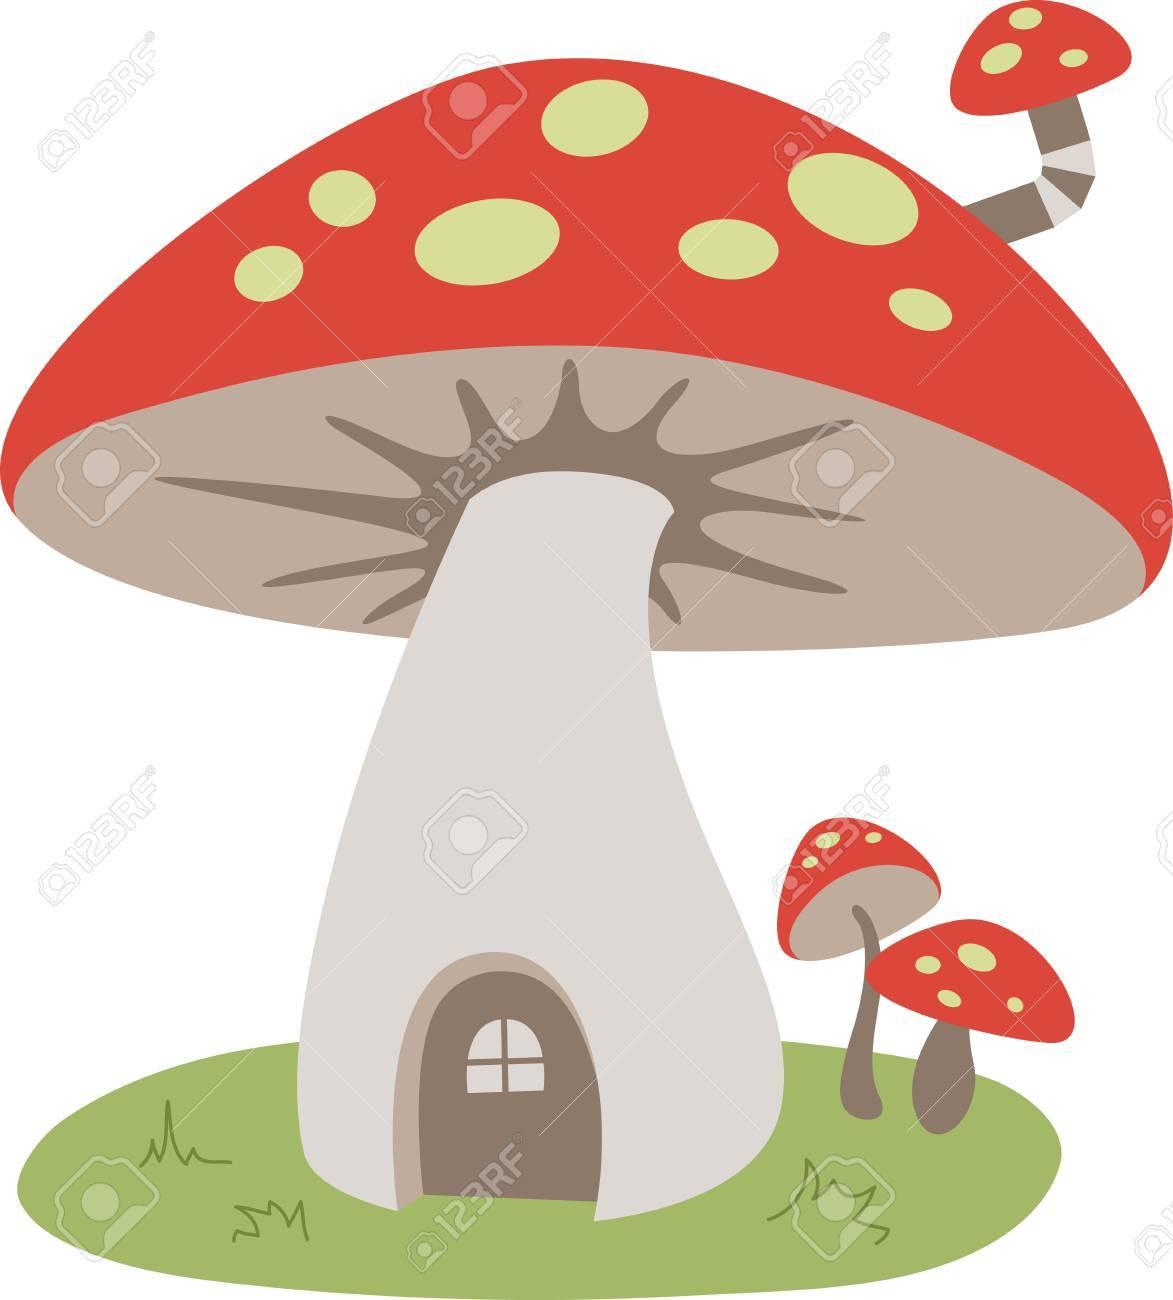 Une jolie maison de champignon est une décoration douce.